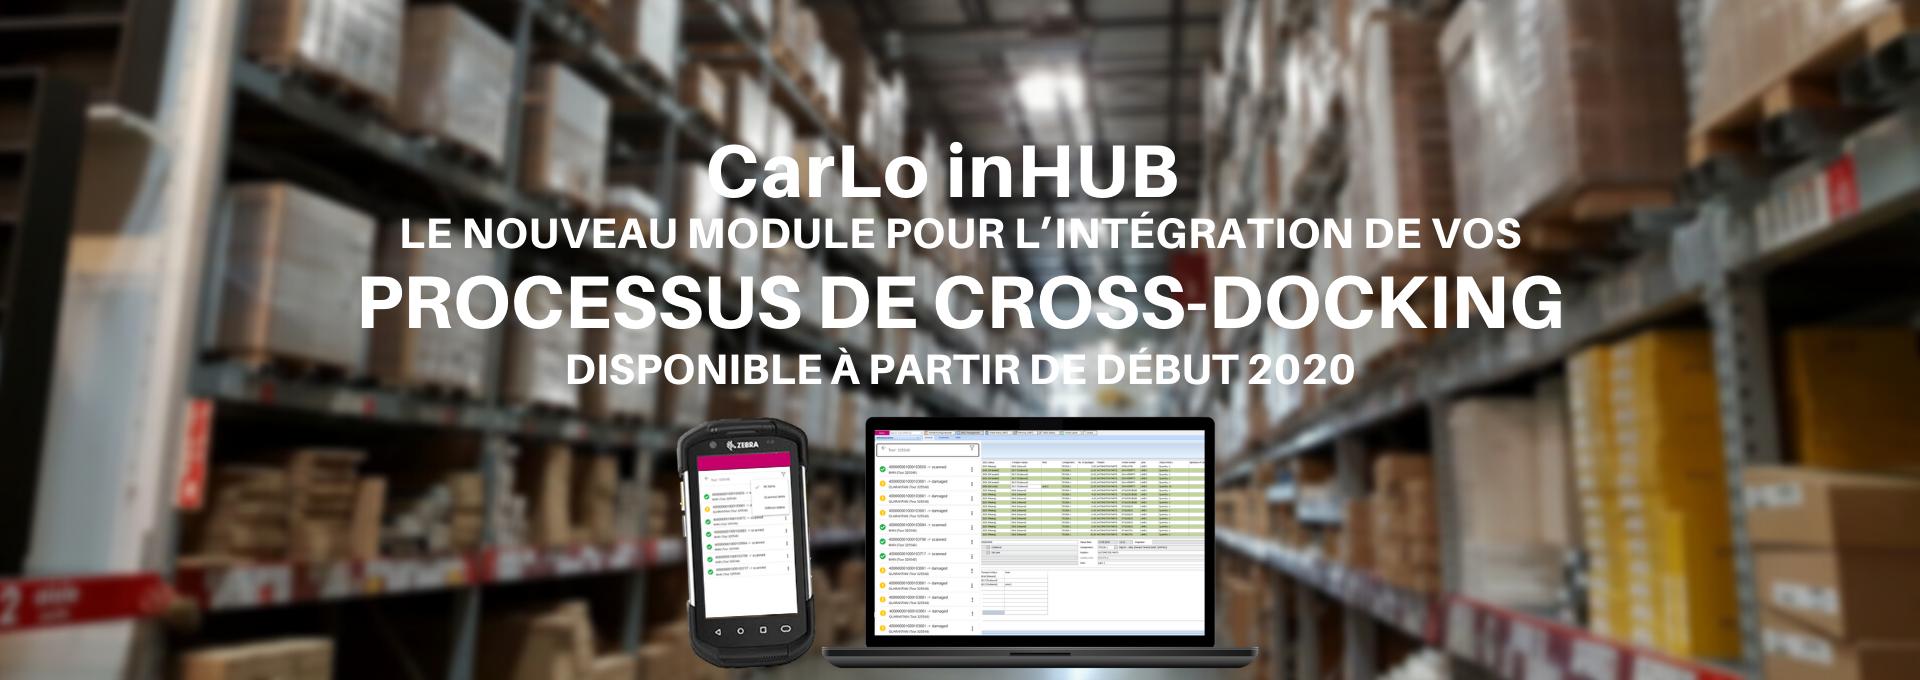 Le nouveau module pour l'intégration de vos processus de cross-docking